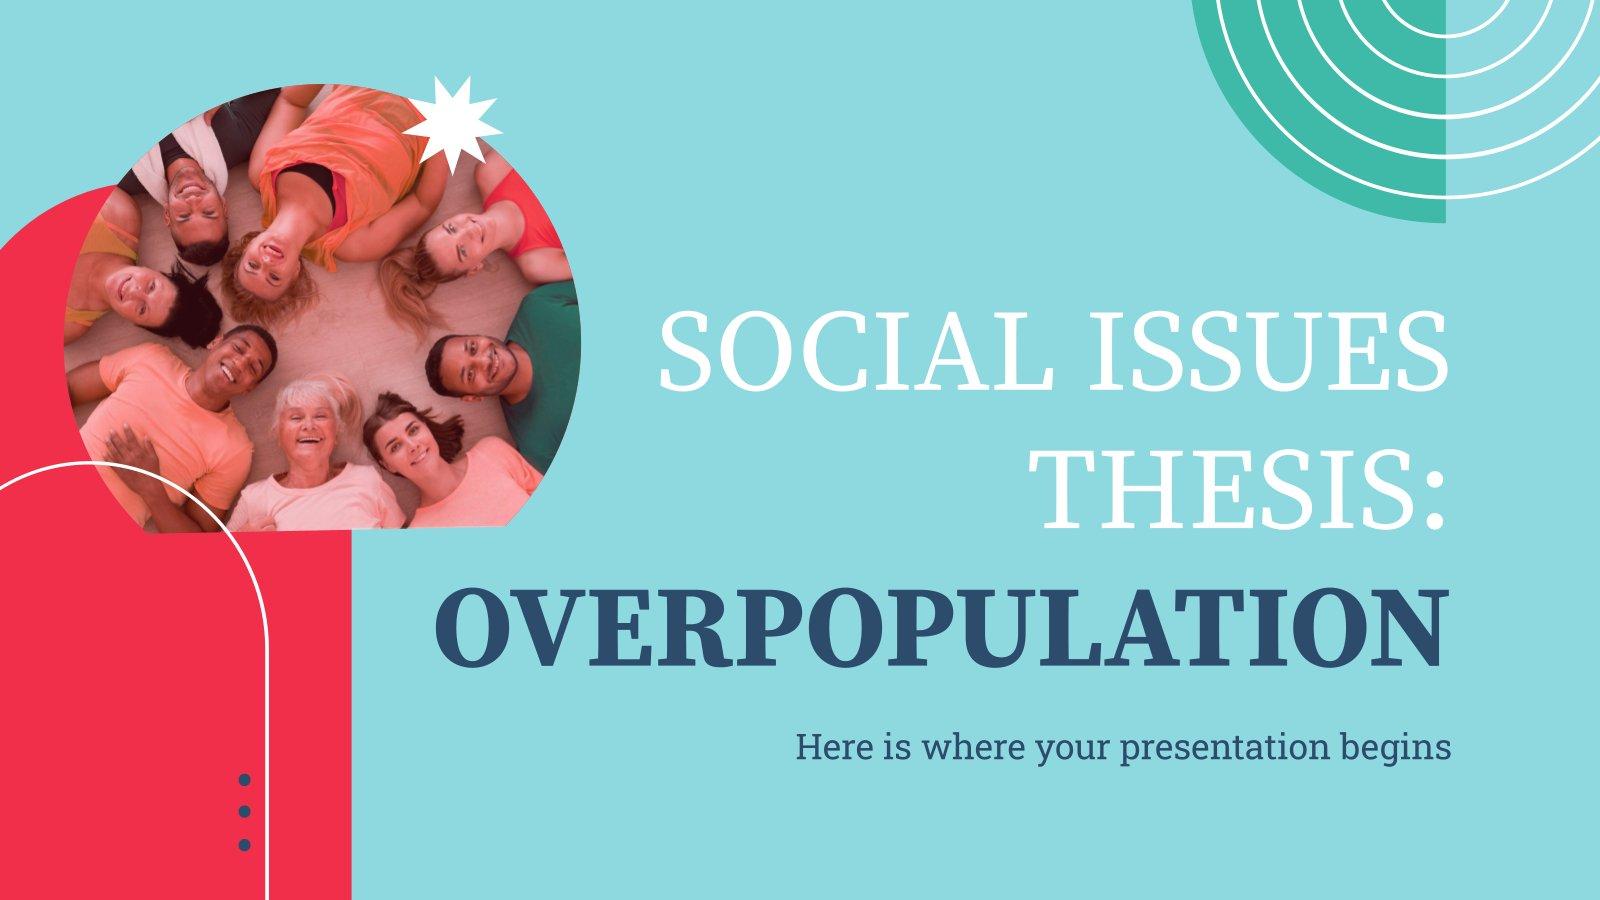 Plantilla de presentación Tesis sobre problemas sociales: La sobrepoblación